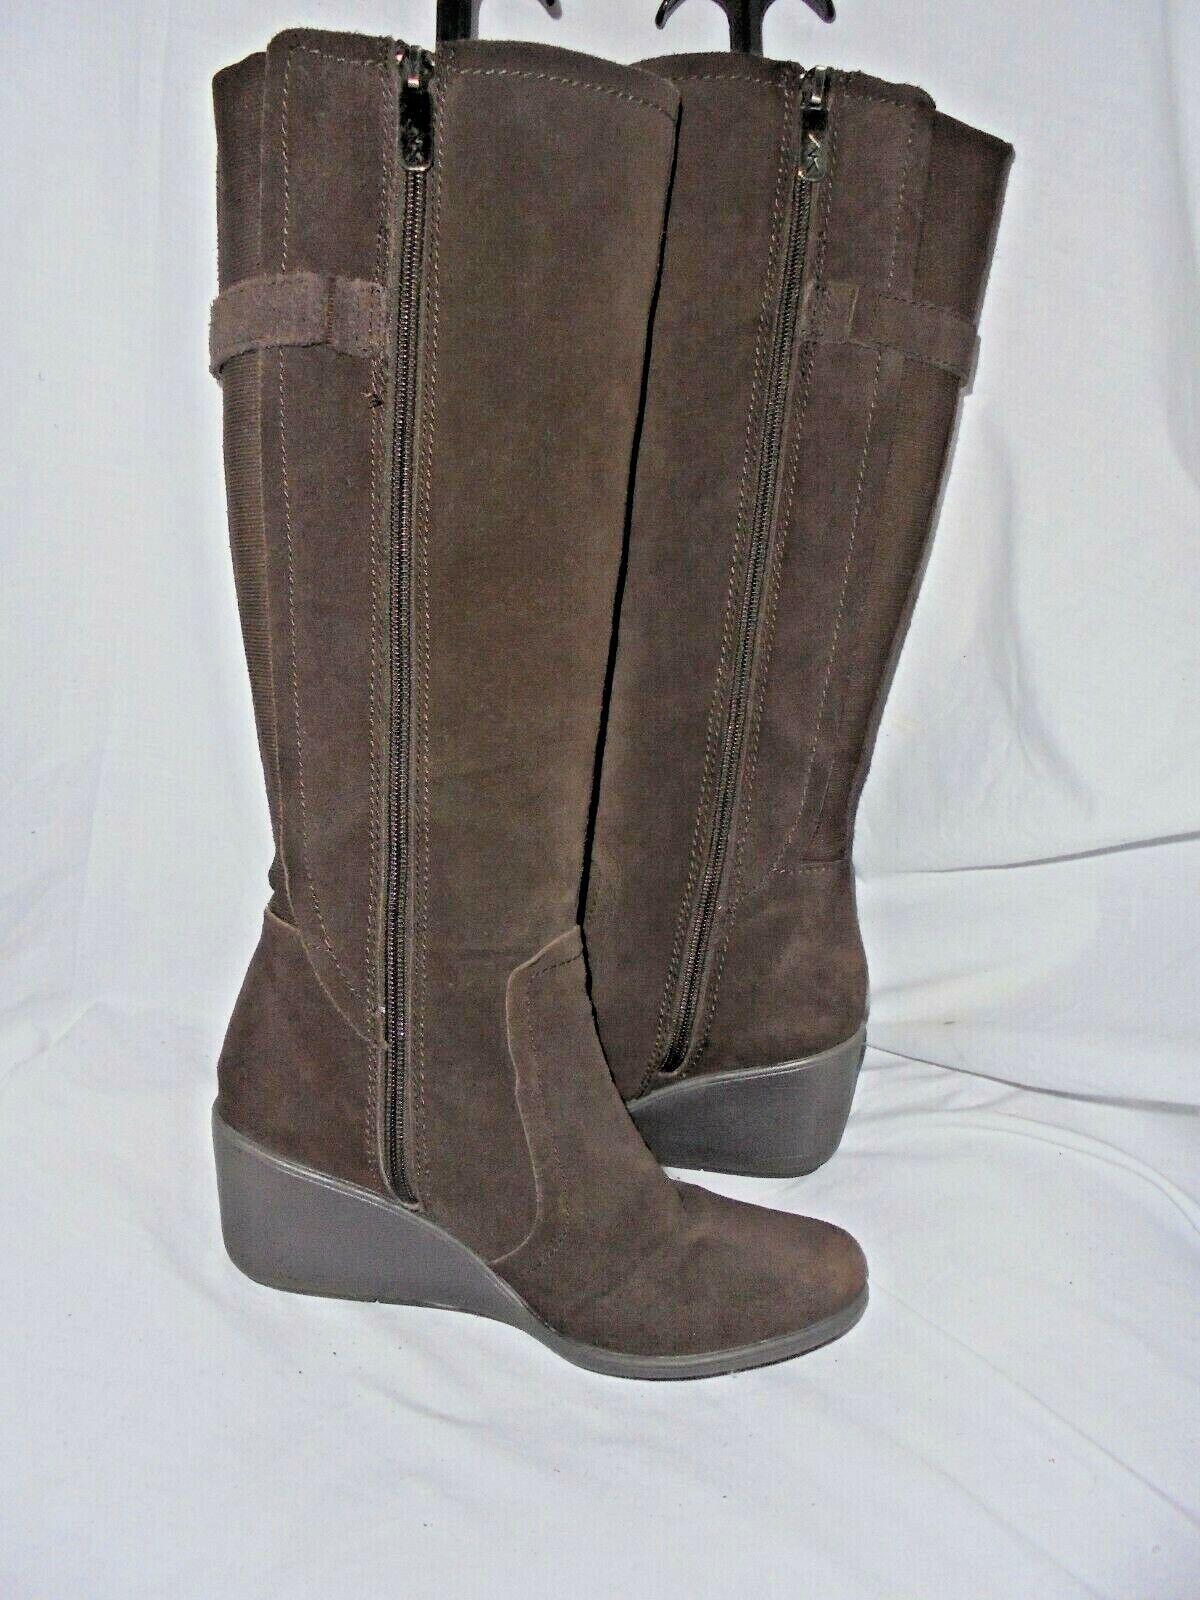 Anne Klein Femme en Cuir Marron Zip Knee High Boot taille UK 4.5 EU 37.5 US 7 très bon état